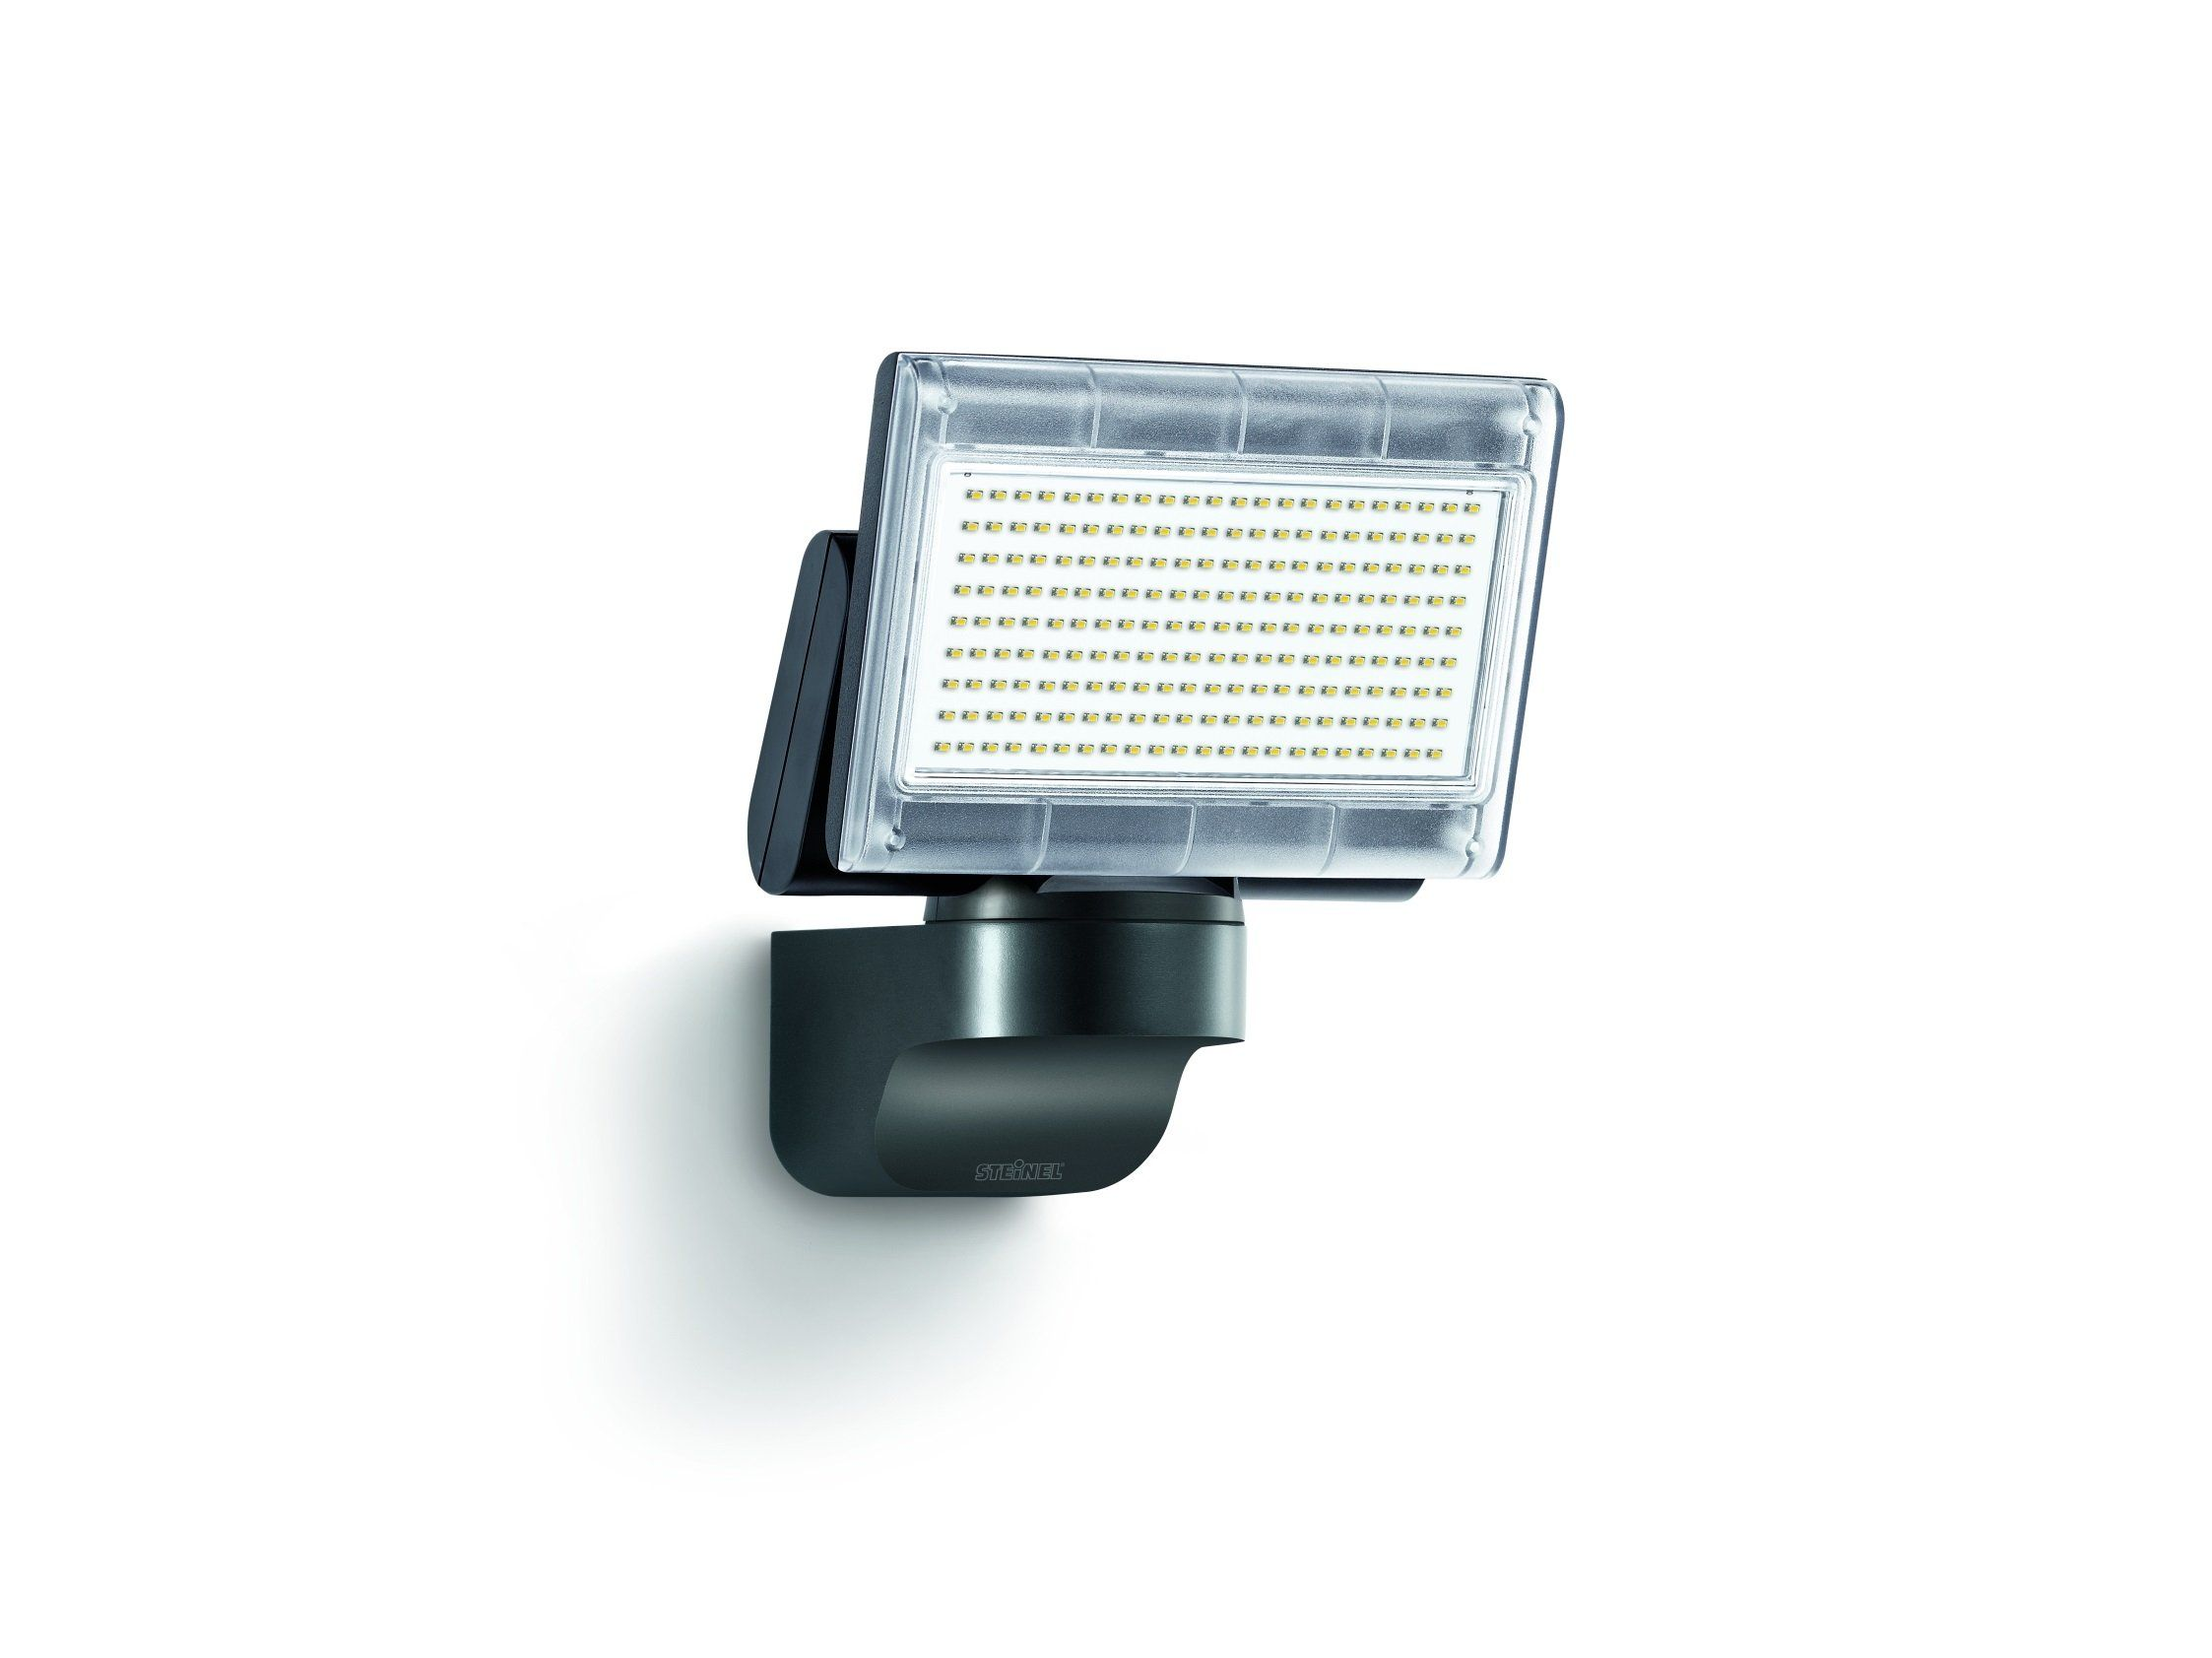 b9502f3abe89d0f2d23f45491485beeb Verwunderlich Led Lampe Mit Batterie Dekorationen